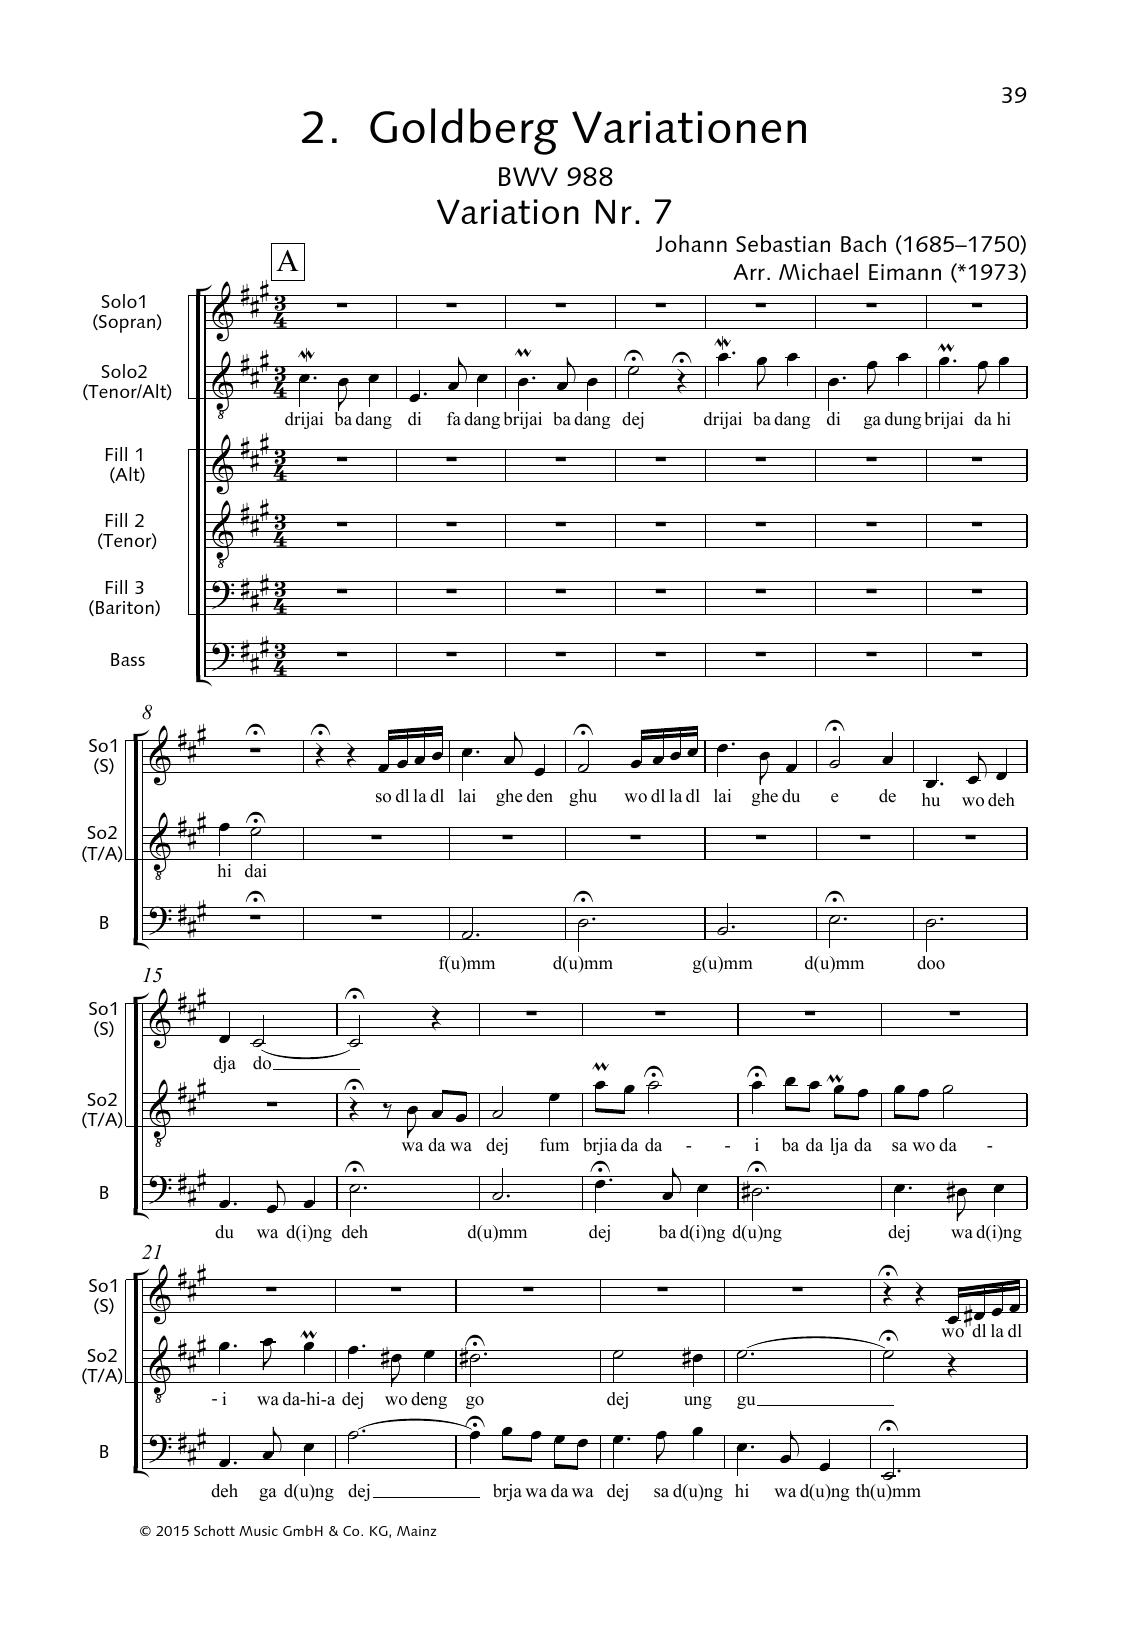 Goldberg Variations, Variation No. 7